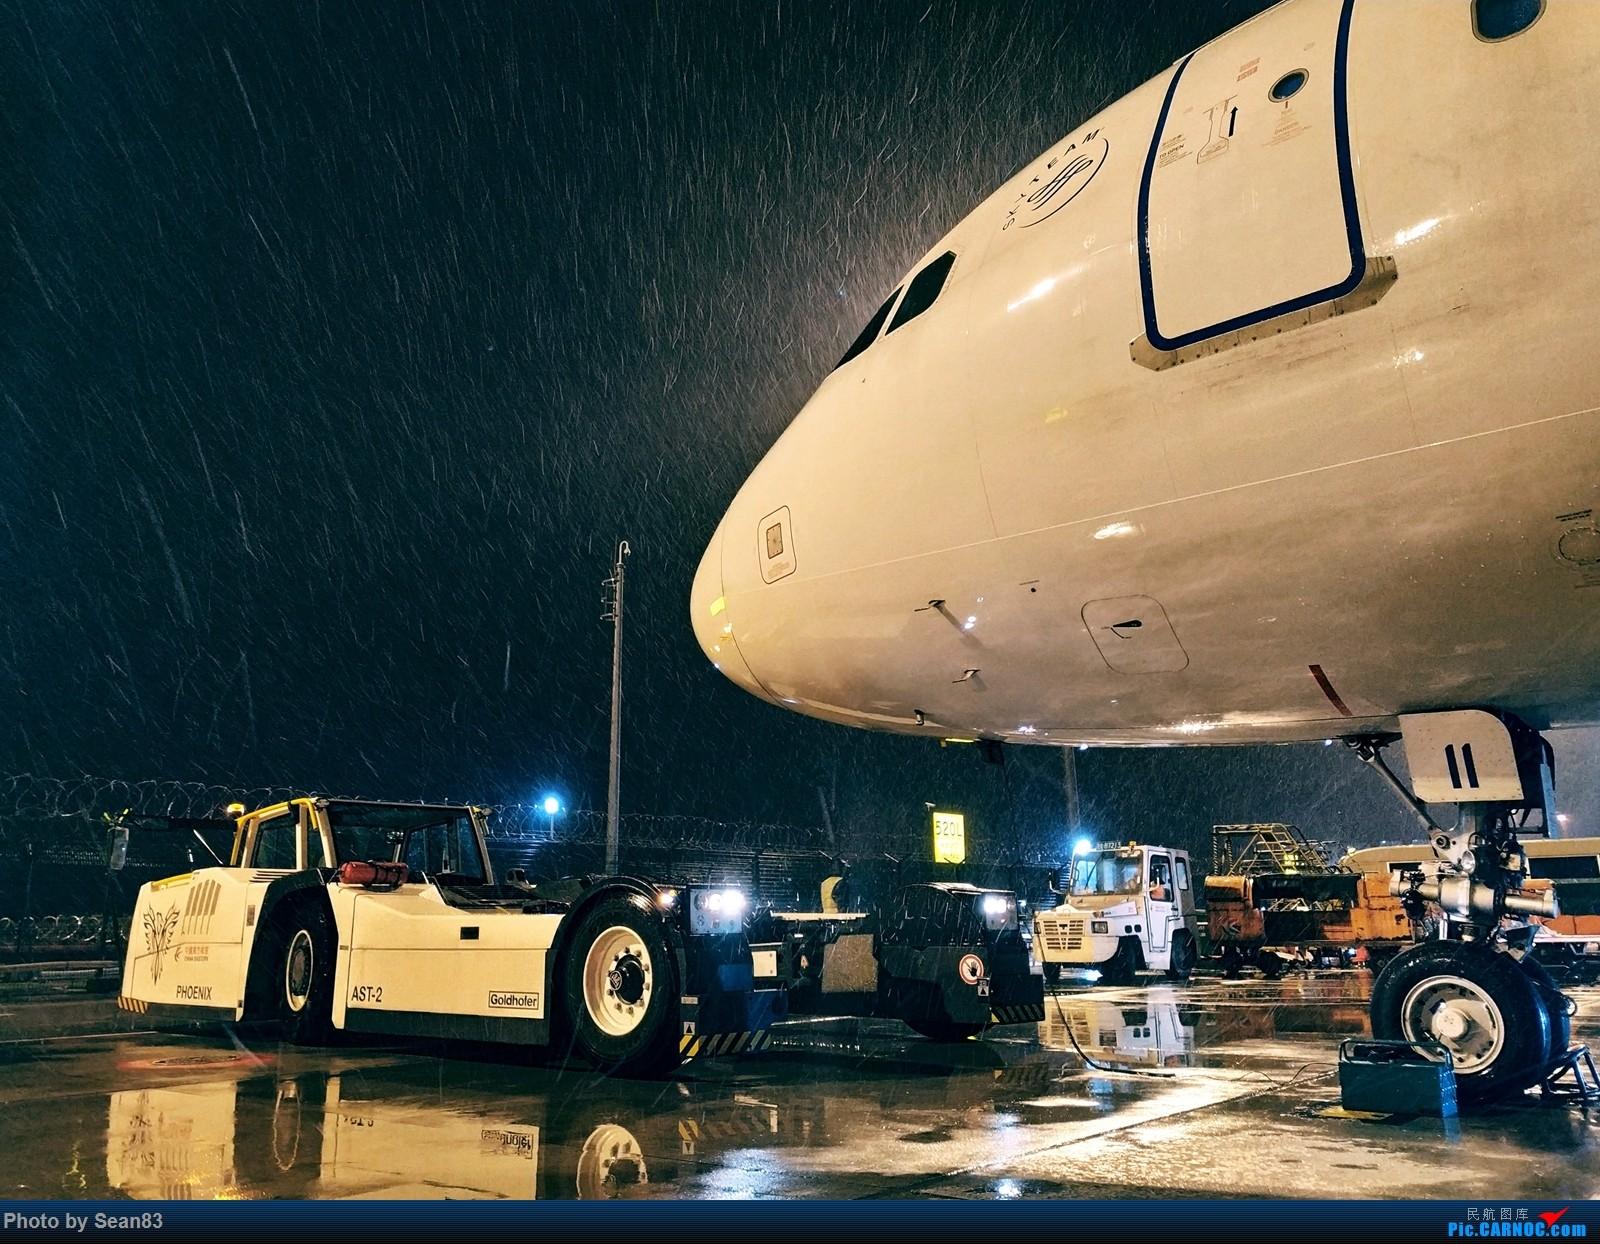 [原创]元旦快乐,漫漫冬季民航人辛苦了 AIRBUS A320